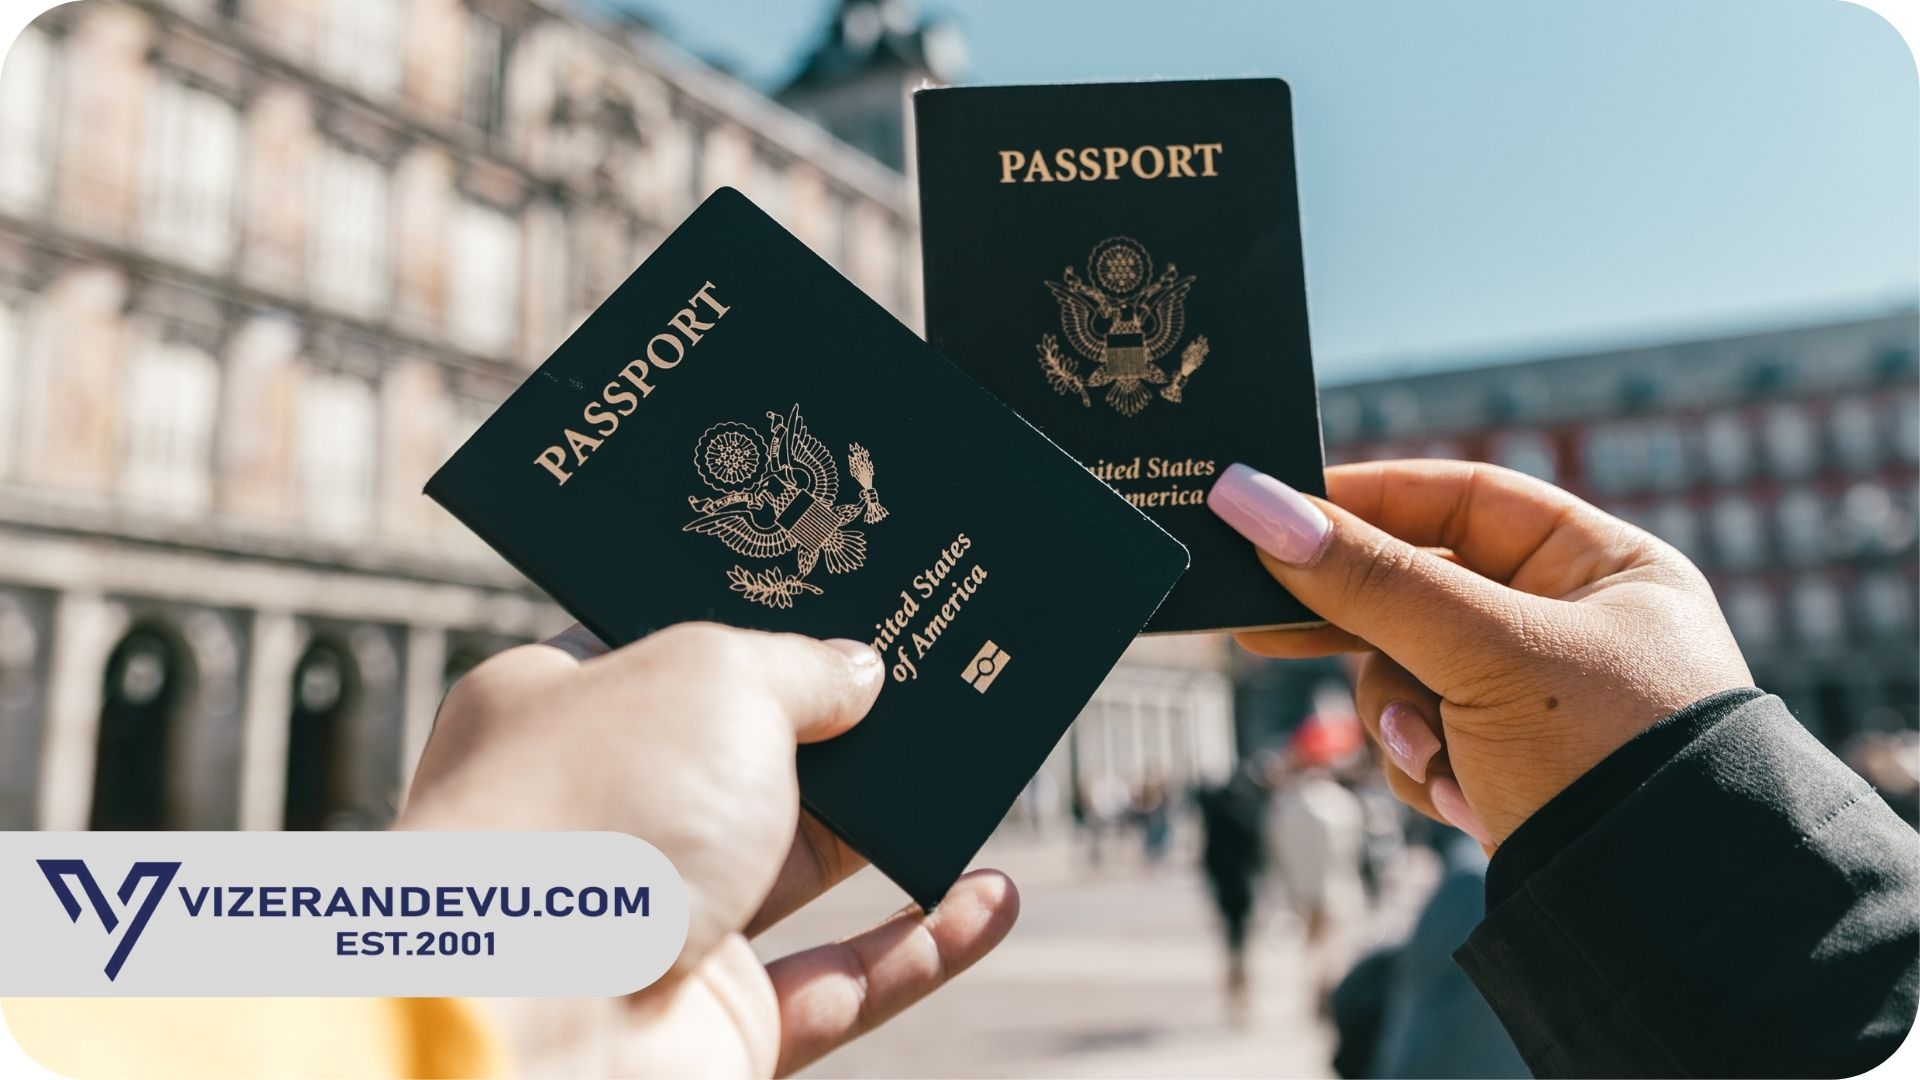 Pasaport Nedir Pasaport Nasıl Alınır.jpg